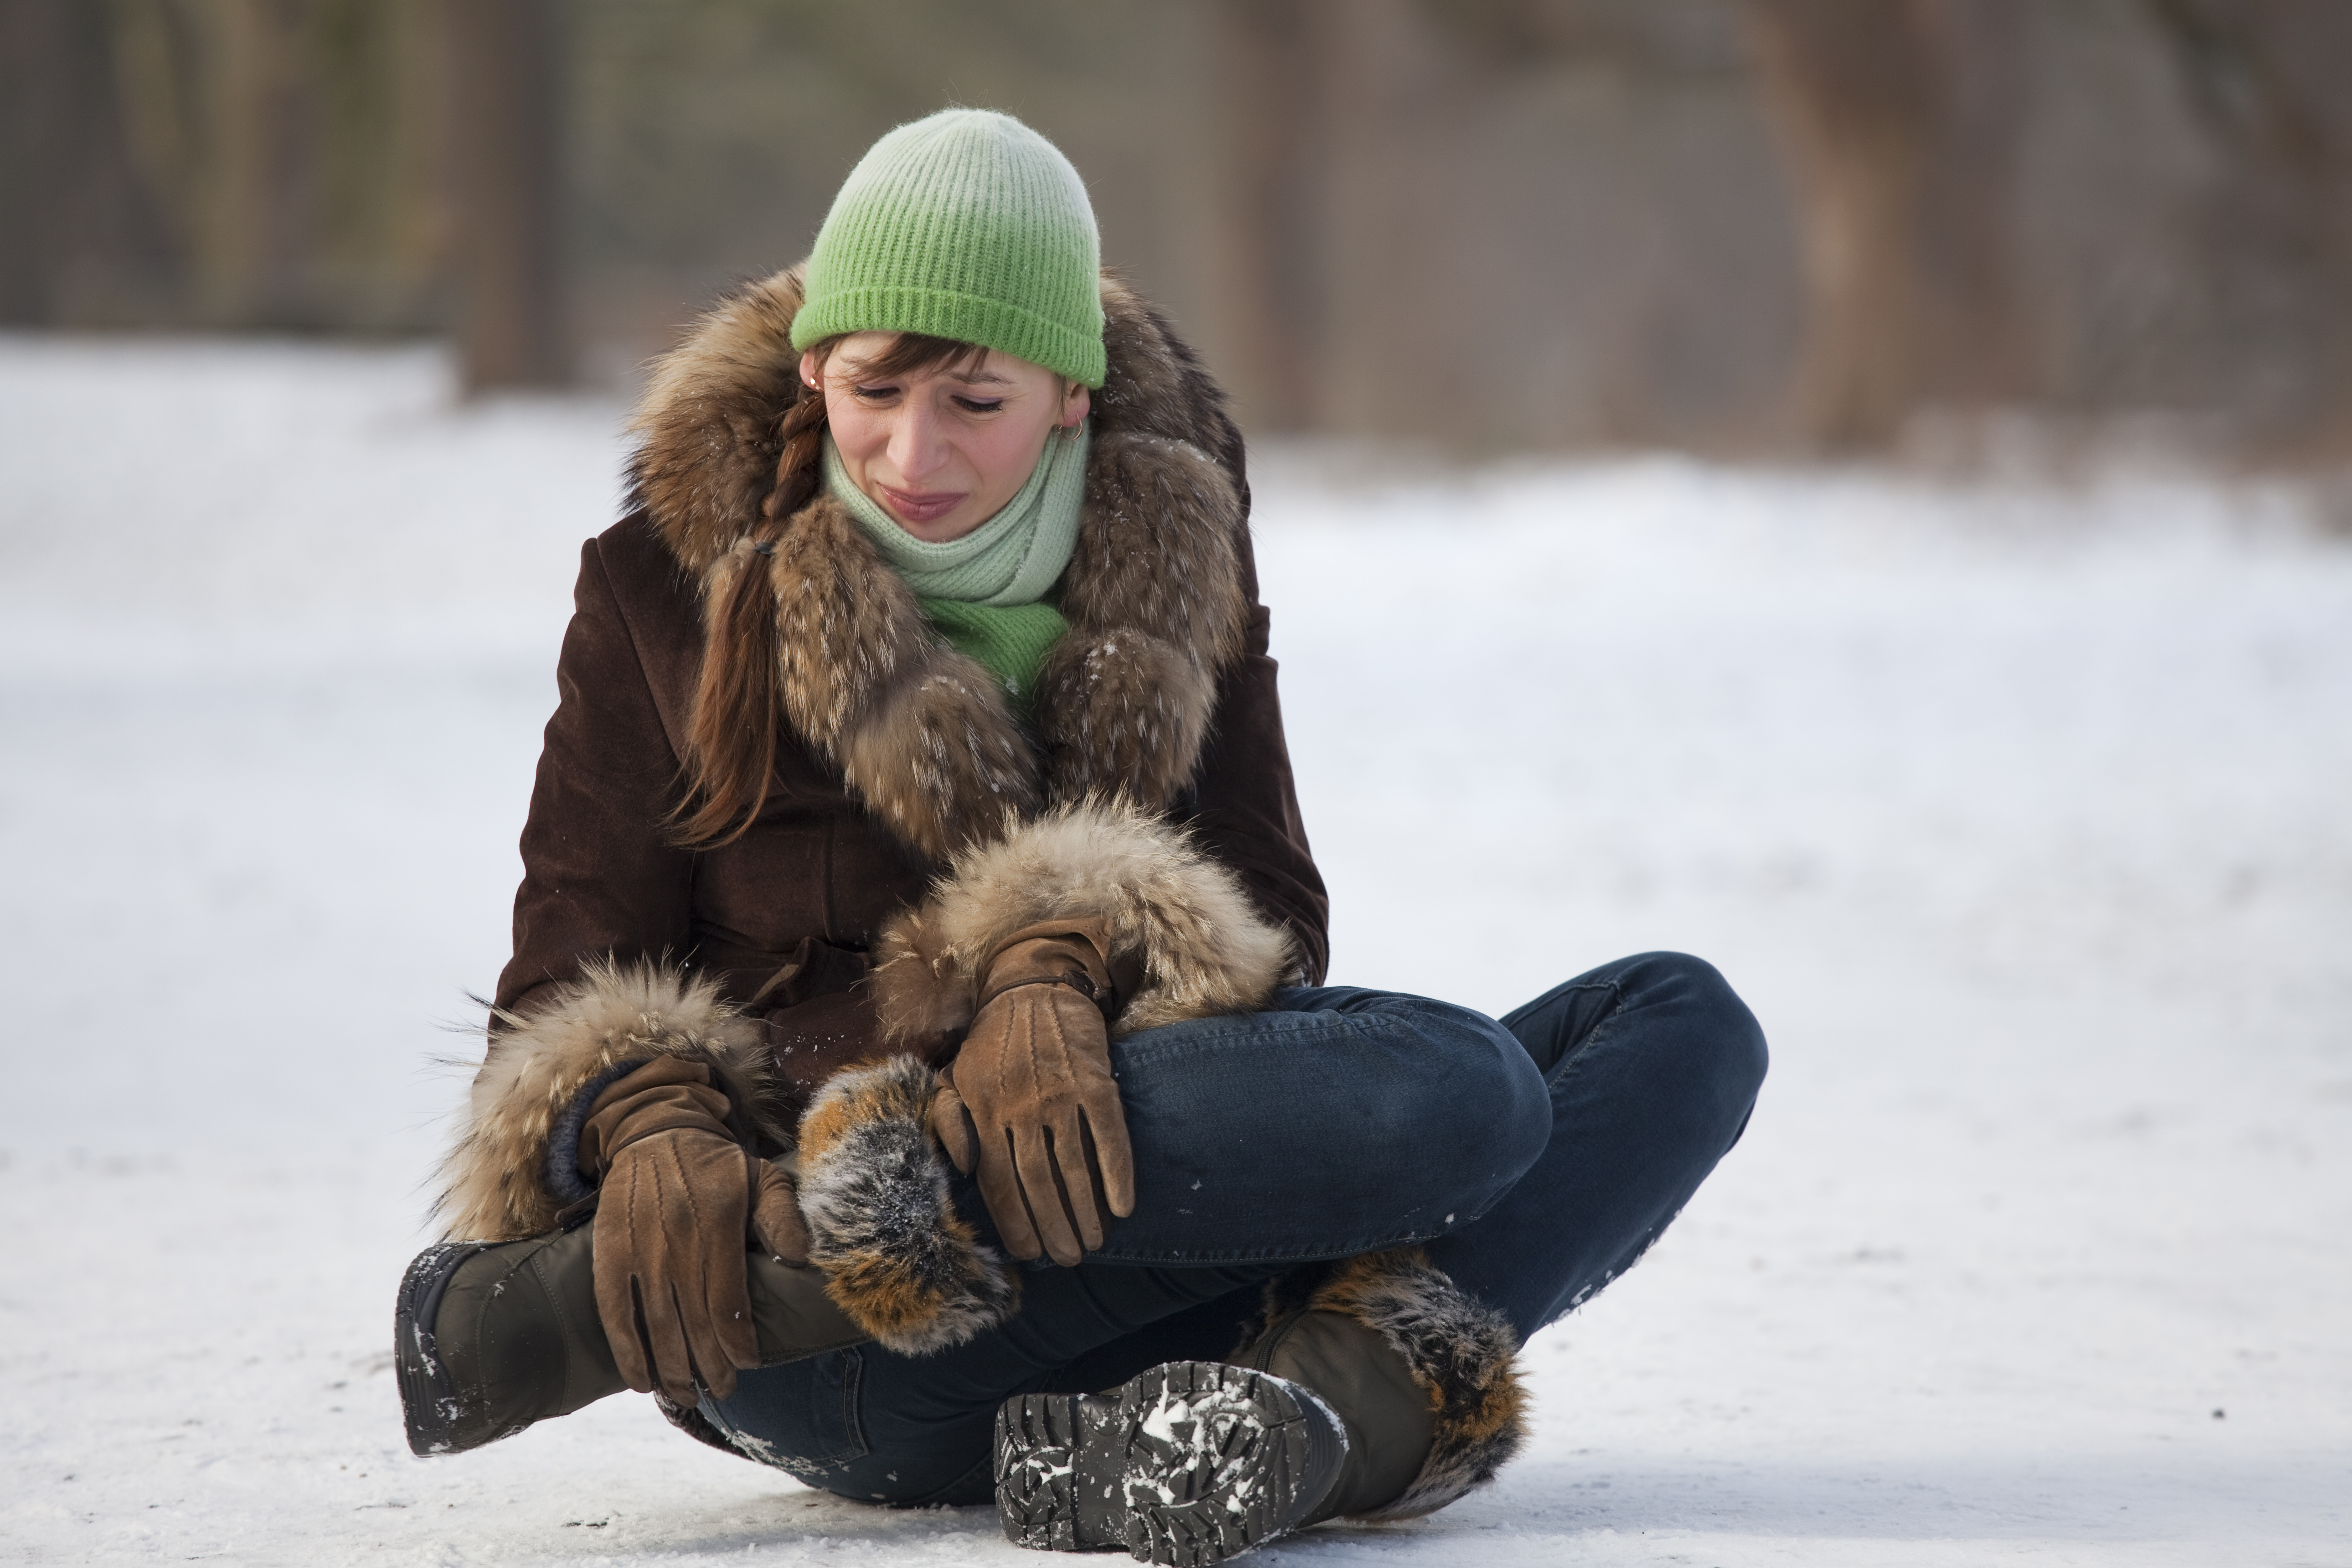 Woman hurts leg in winter fall